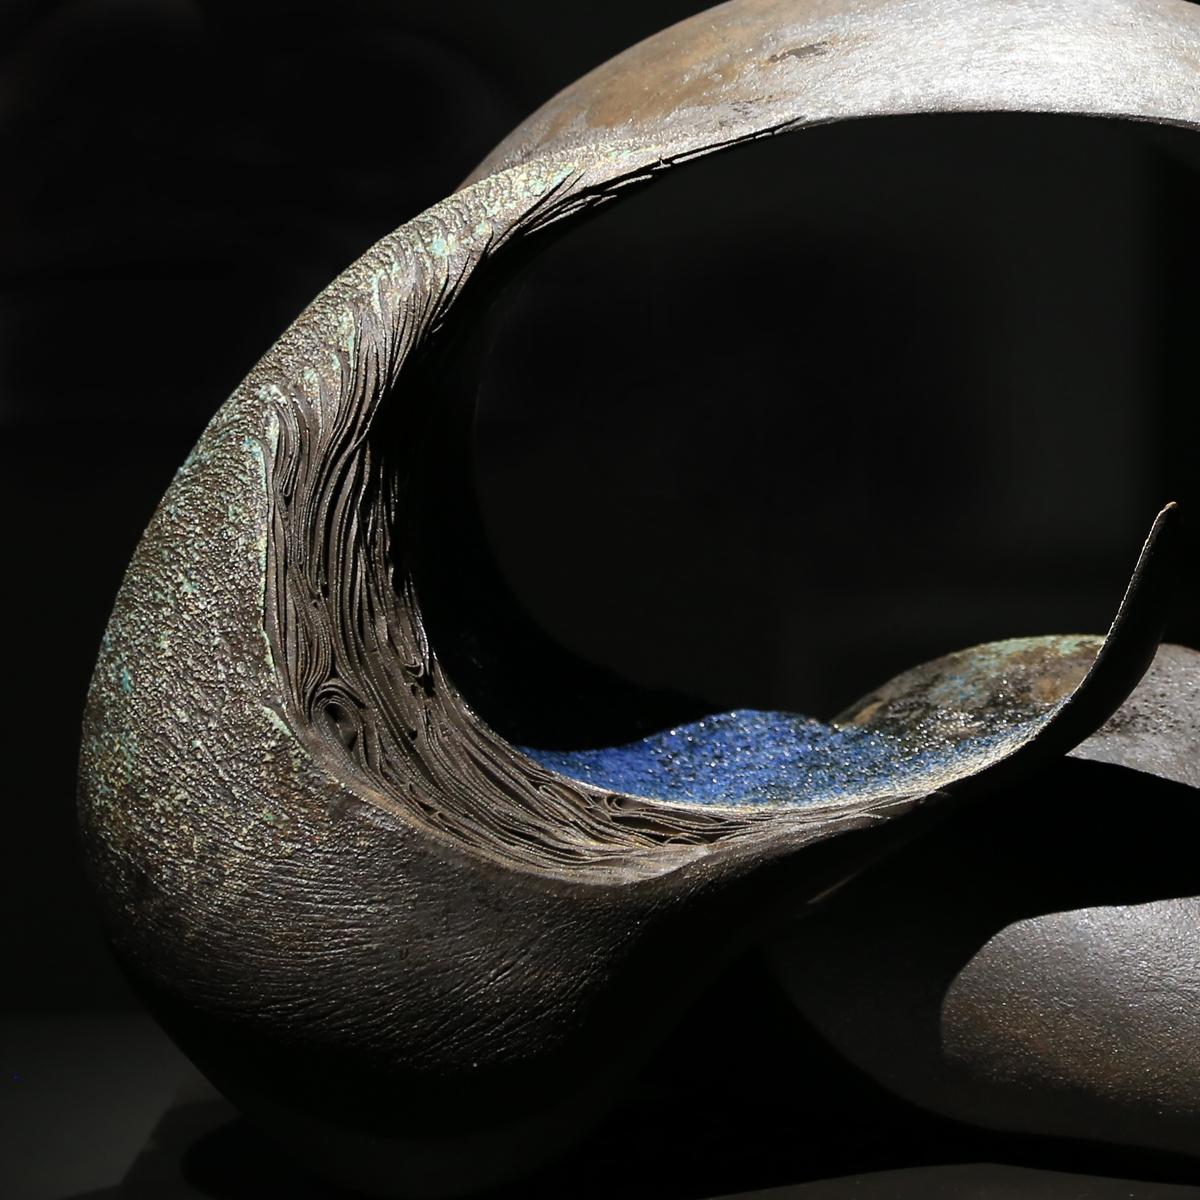 王幸玉 創作 的開始,從成長背景取的養分一直滋養我至今,展現在對 陶瓷 的質感表現。而形塑 陶藝 空間則是我慣用的語言,不論是對生活的感受亦或是對生命體認。用土書寫 藝術 ,讓泥土展現自己,放手與土一起自然而然地存在,是對未來創作的追求。